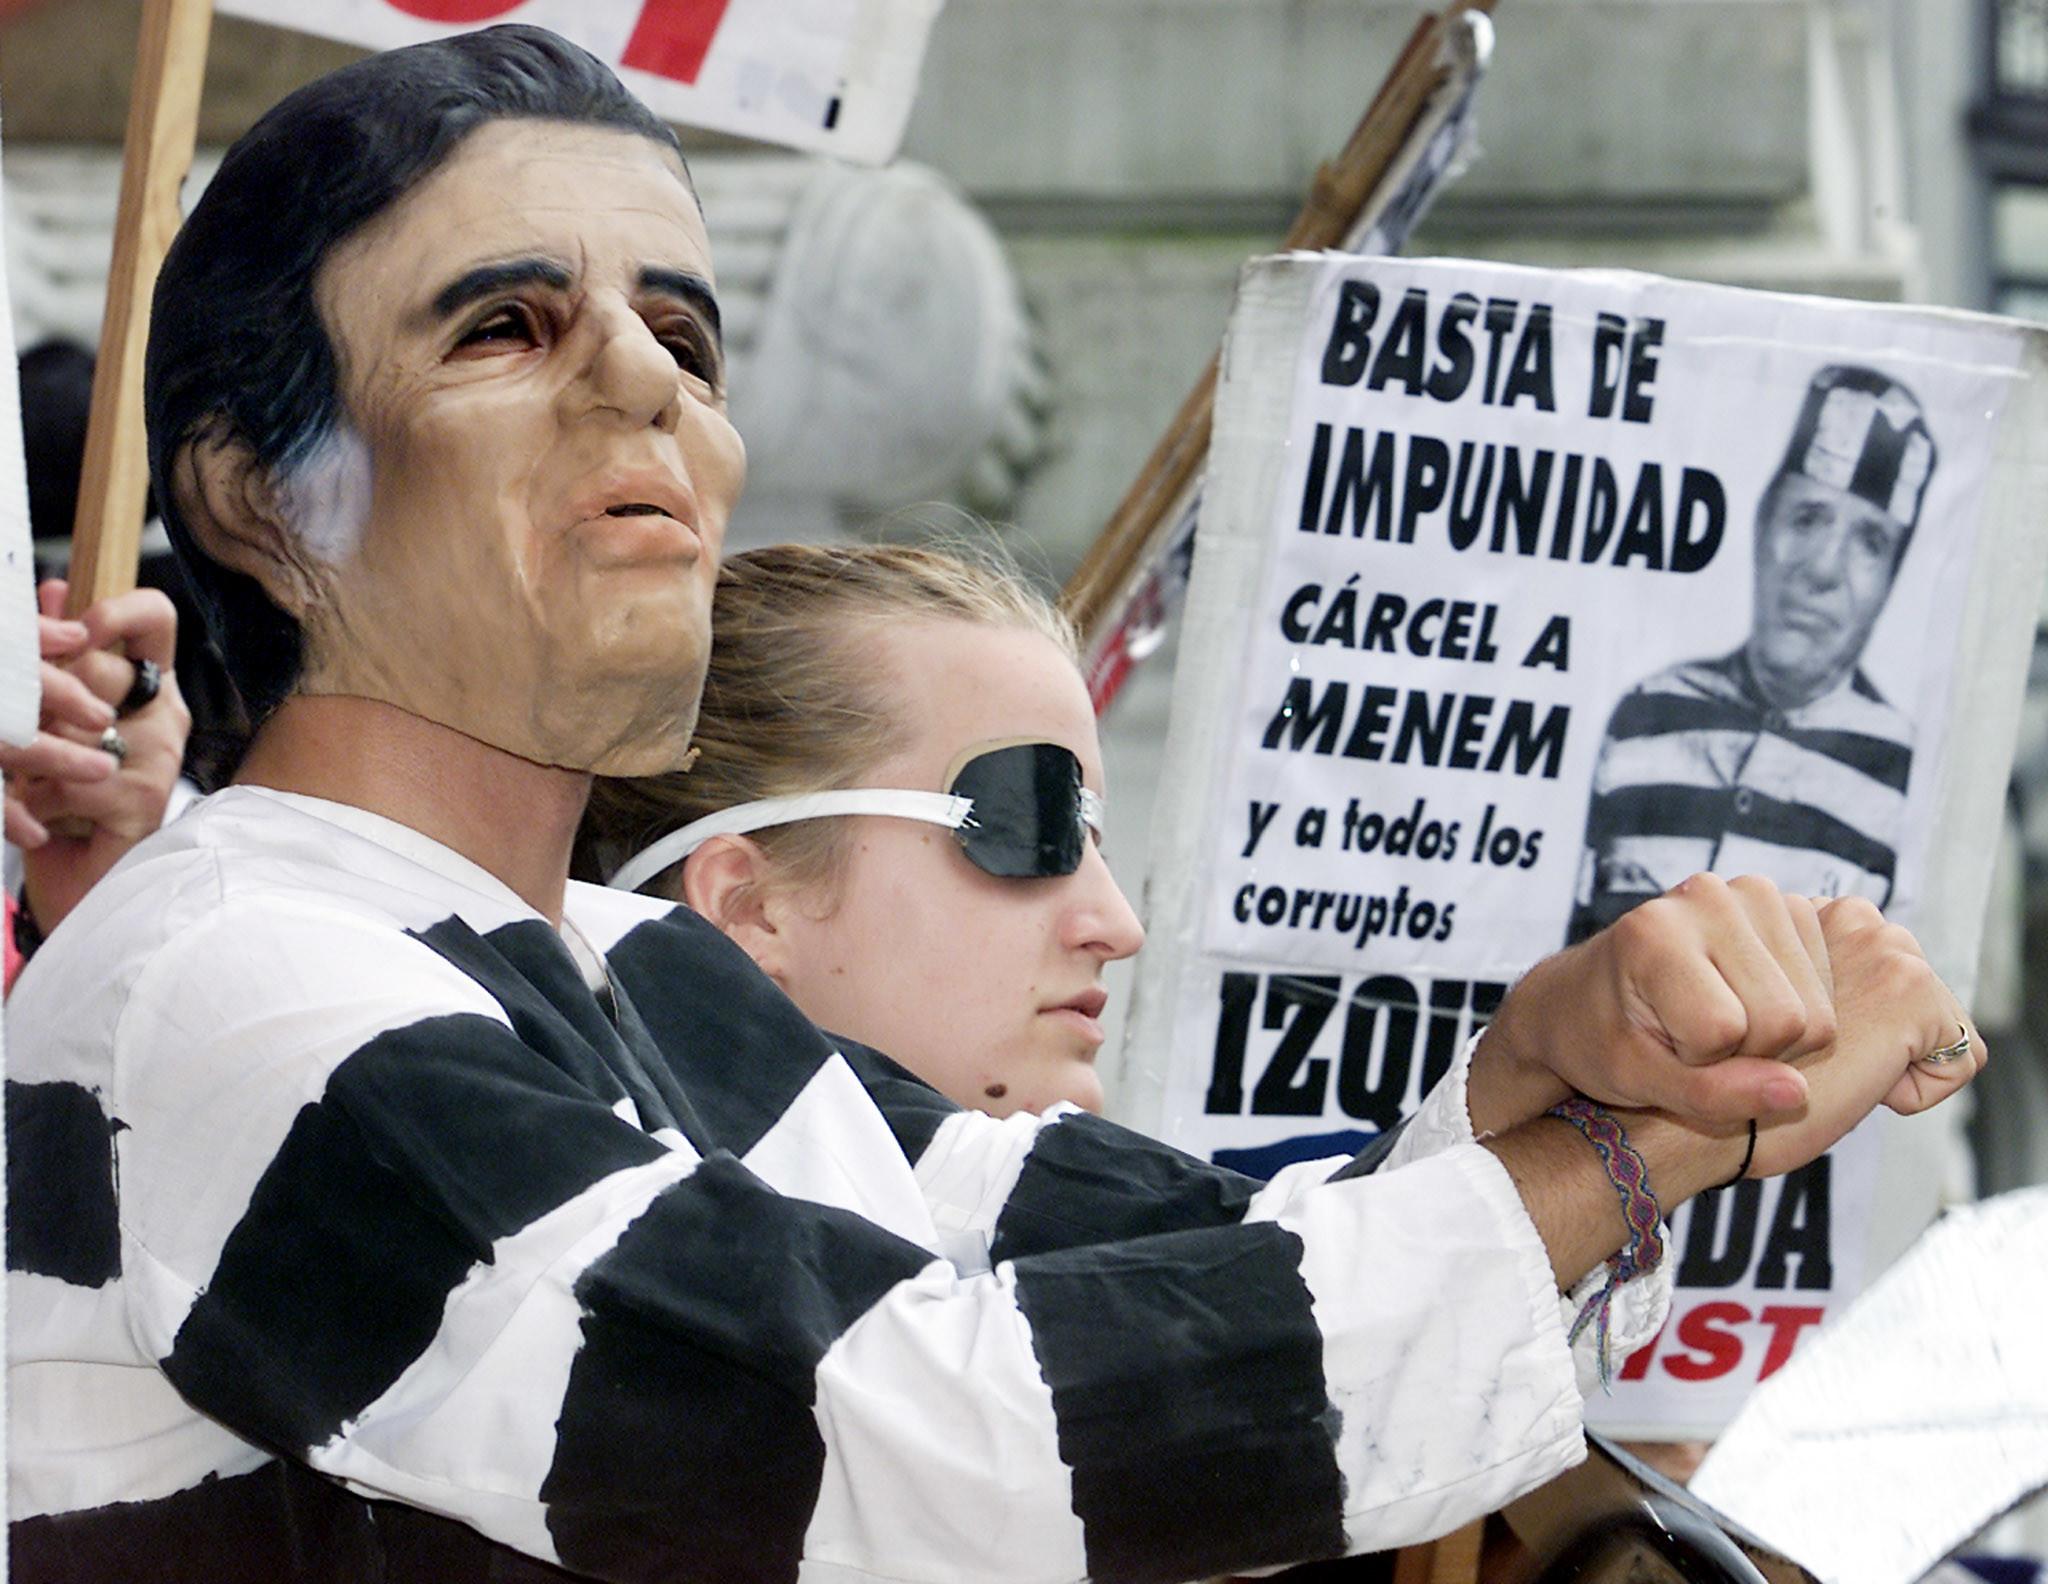 Michel Temer e outros líderes políticos que já foram presos